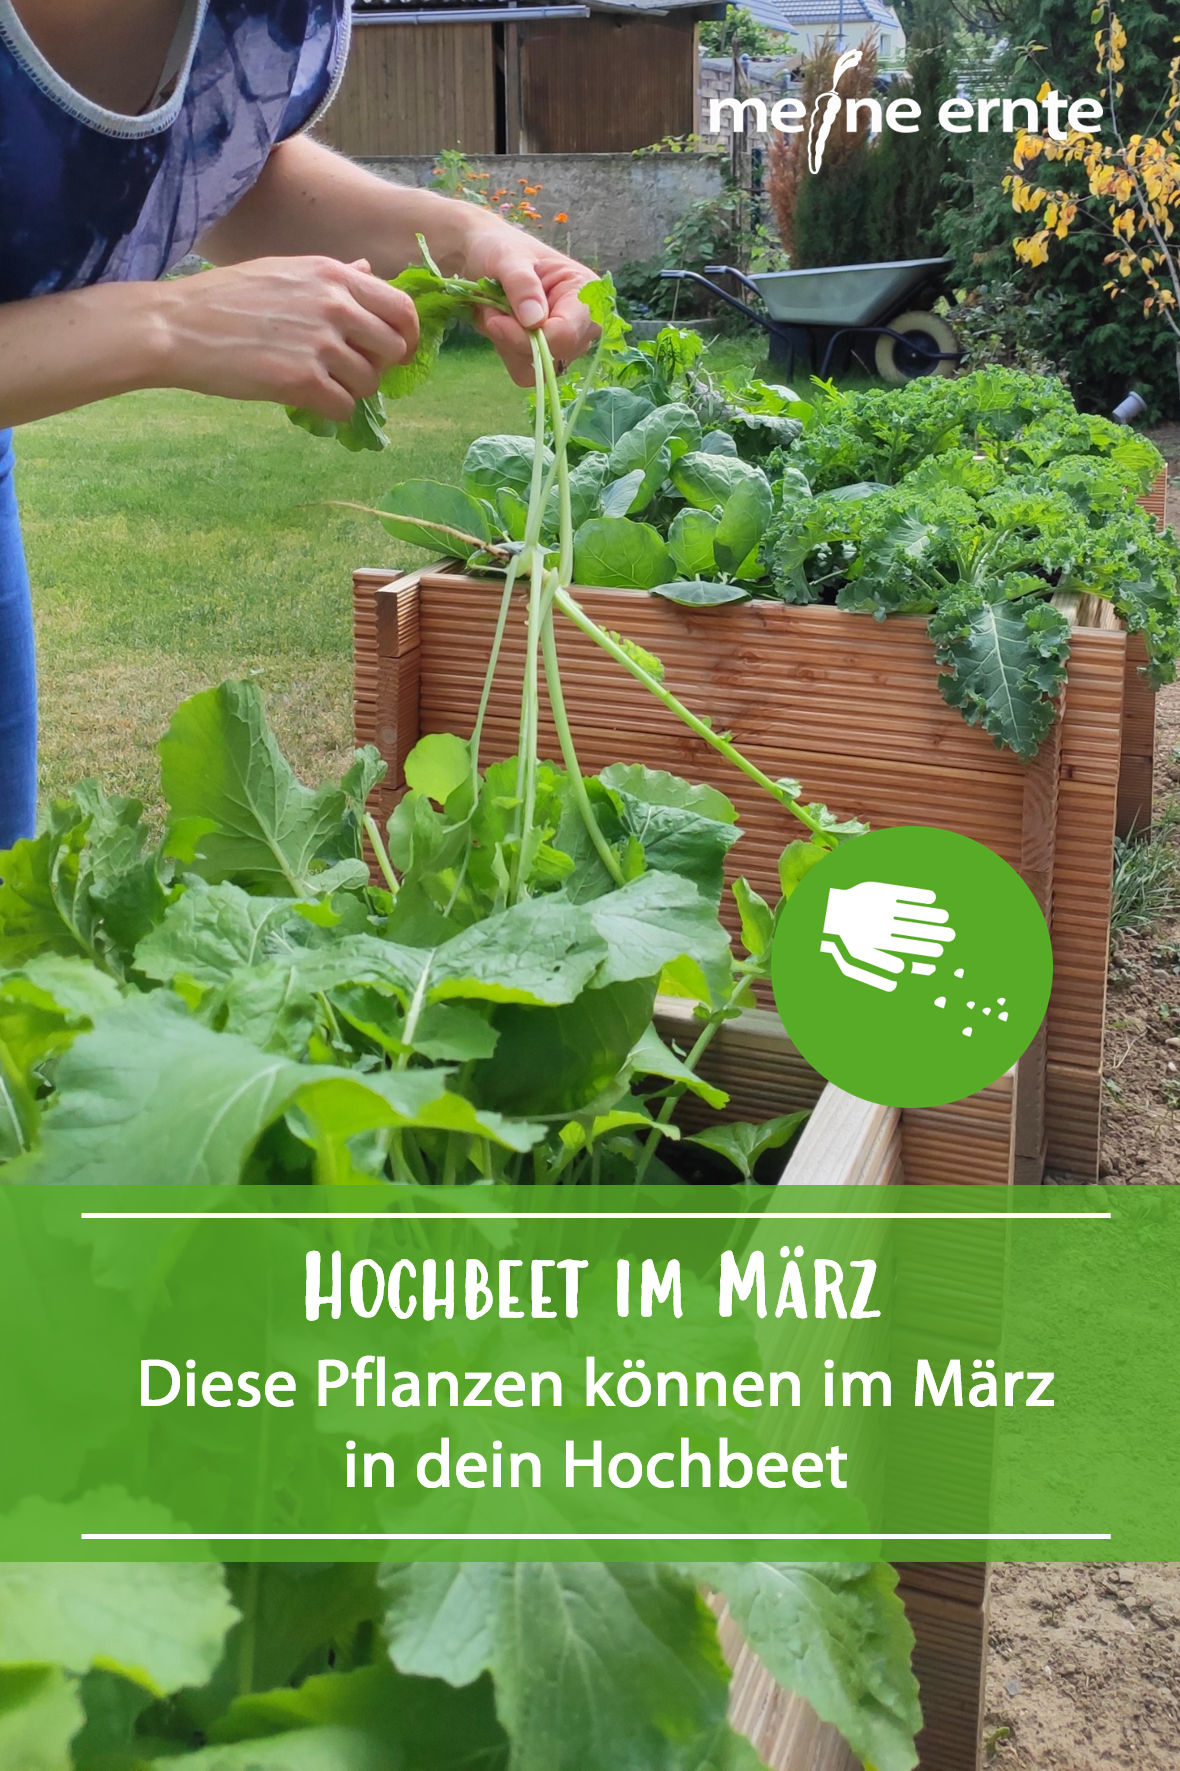 Im Marz Kannst Du In Dein Hochbeet Schon Einige Gemusepflanzen Ausbringen Ein Fruhbeet Schutzt Zusatzlich Vor Nasse Und In 2020 Hochbeet Pflanzen Gartenarbeit Im Marz